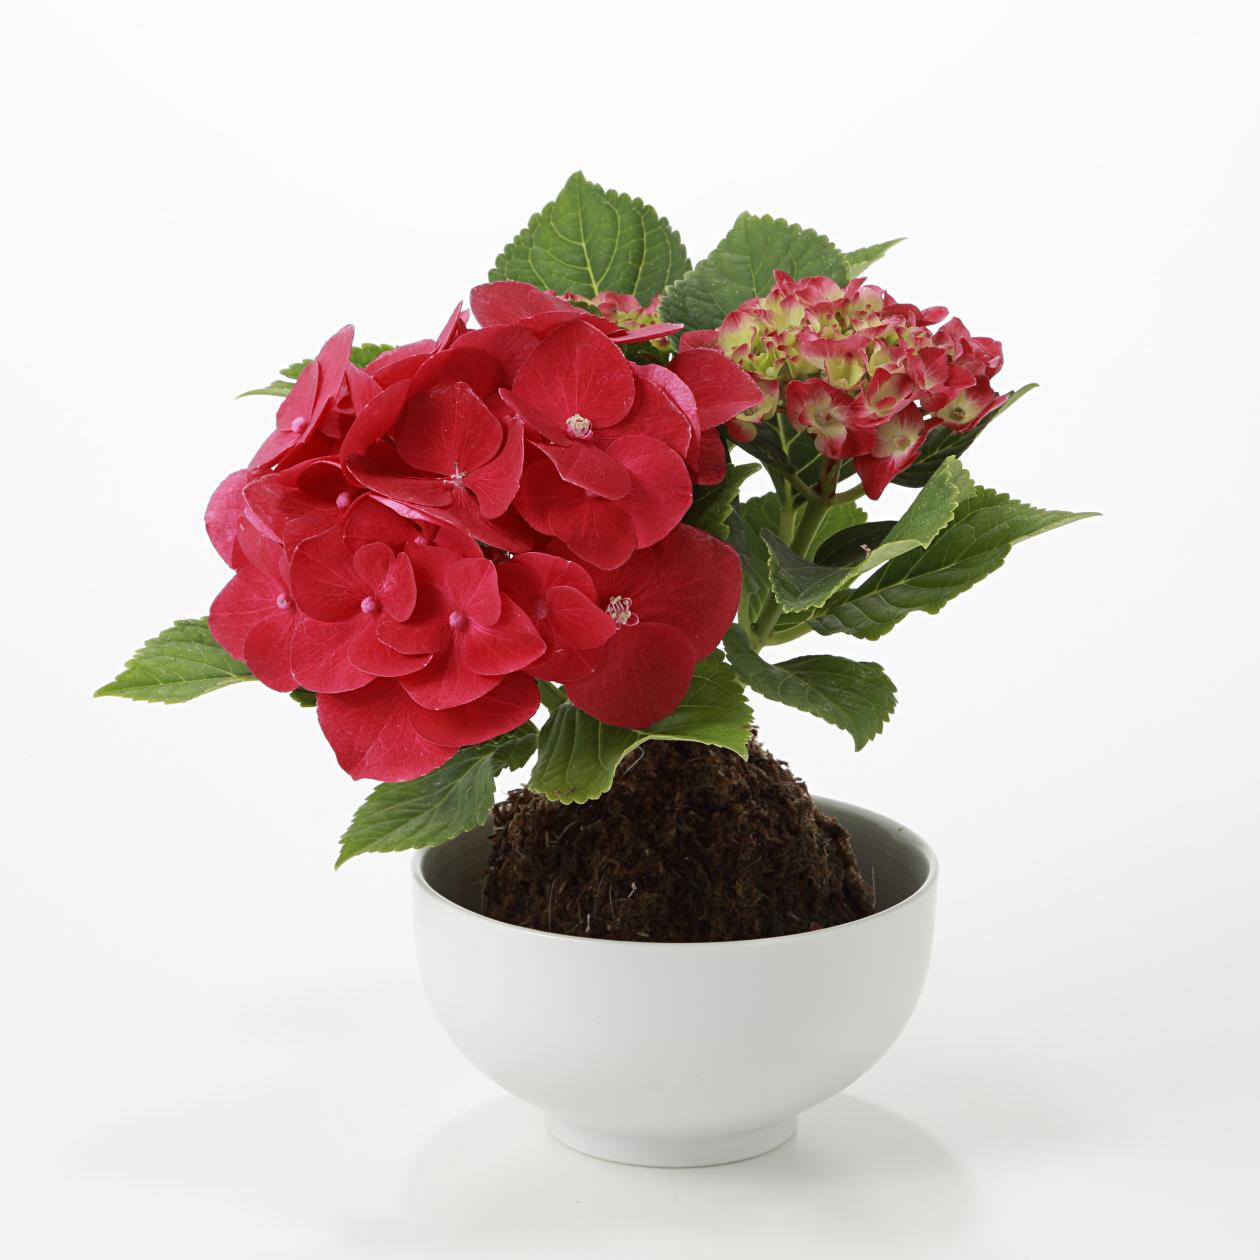 【ネット限定】母の日 あじさいの苔玉 赤